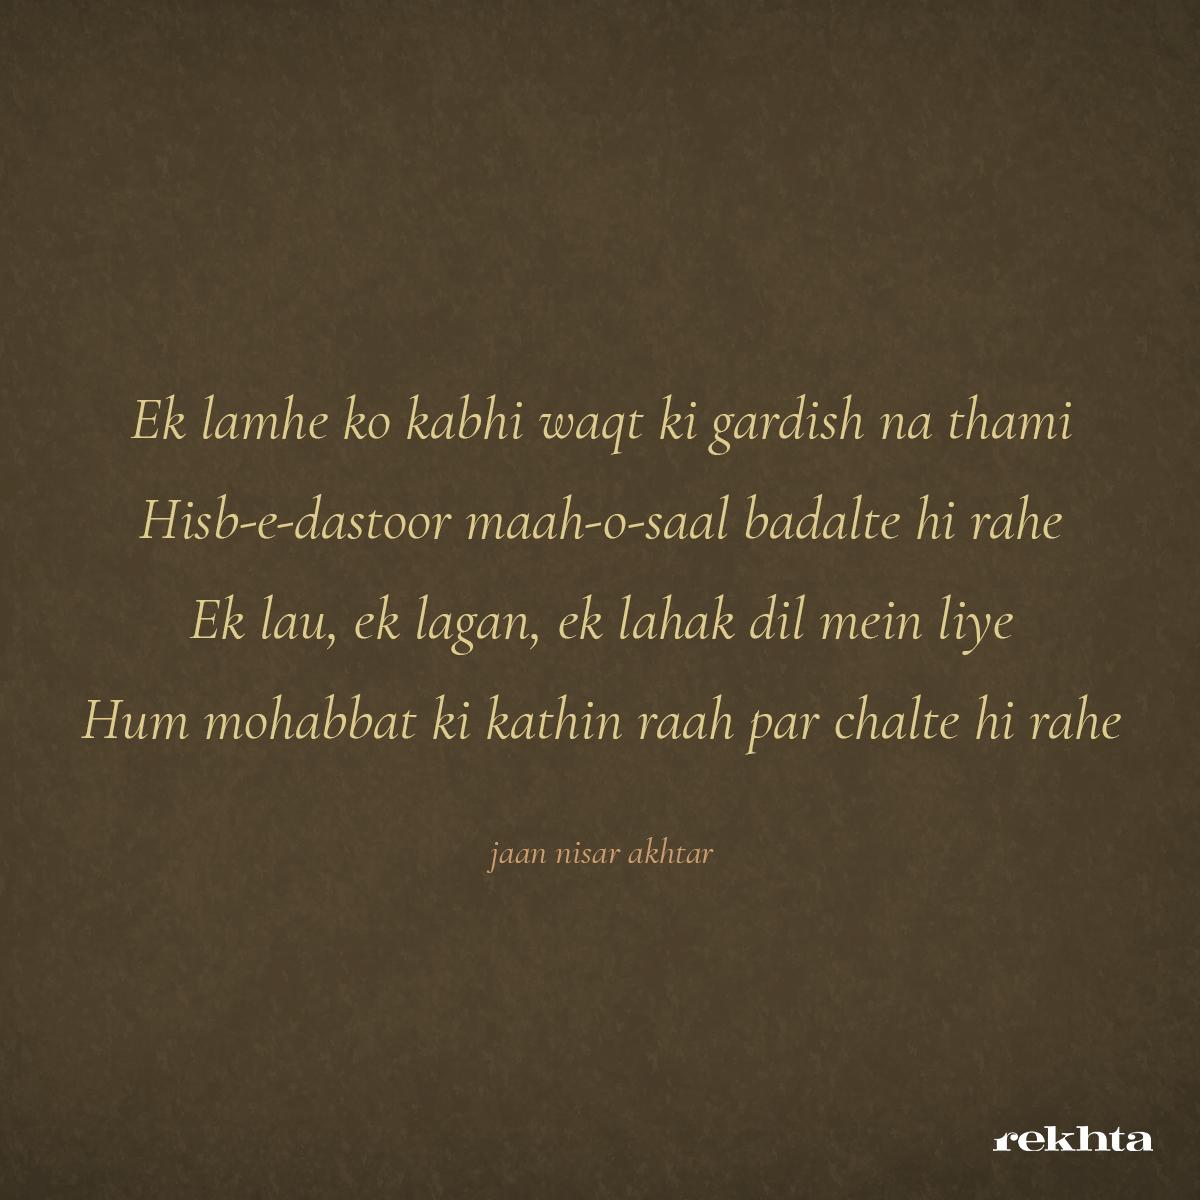 Jaan Nisar Akhtar - Urdu Poetry, Urdu Shayari | Rekhta Blog